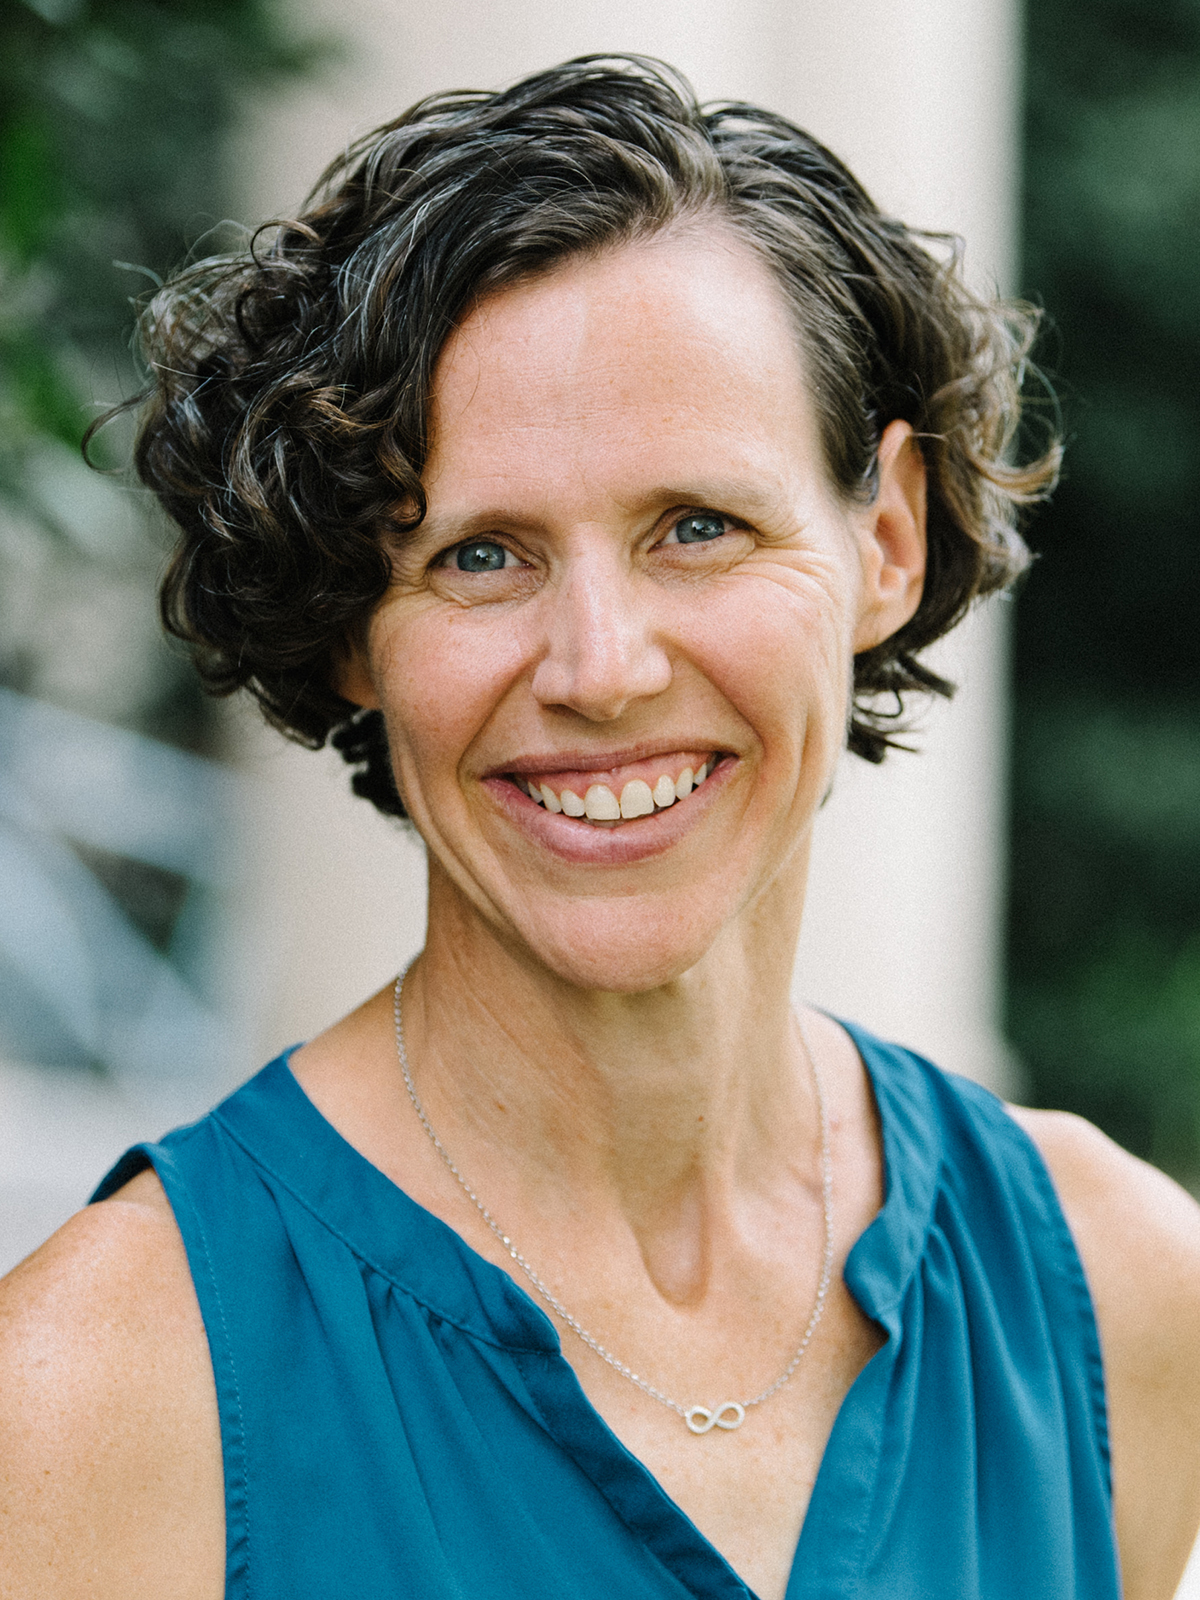 Kara Hume portrait image